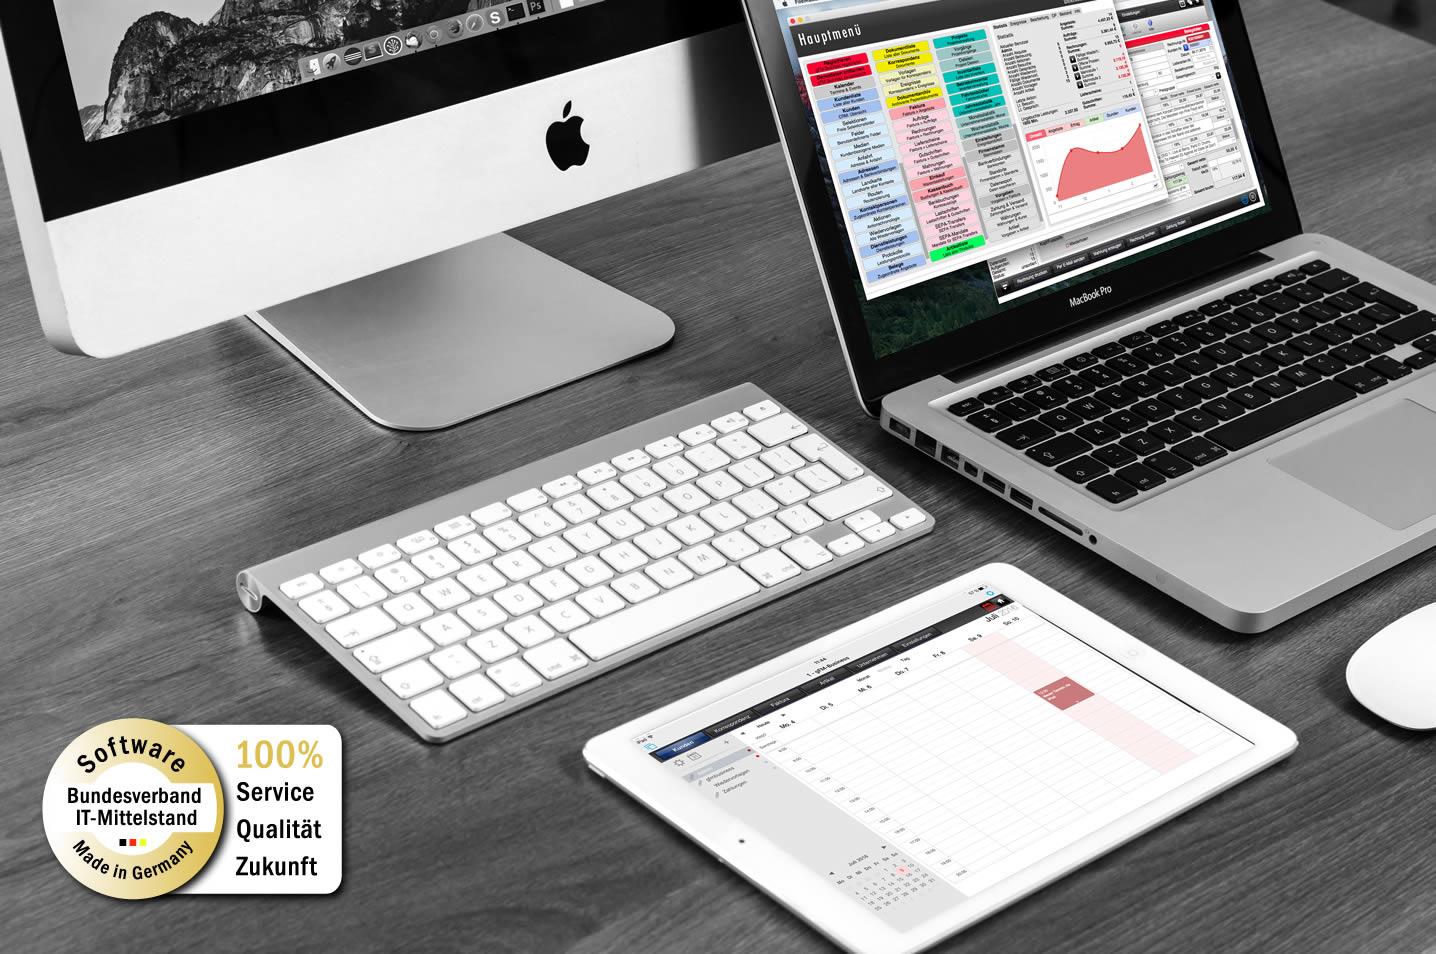 gFM-Business 5.3 ERP-Software für Mac, PC und iOS mit neuen Funktionen